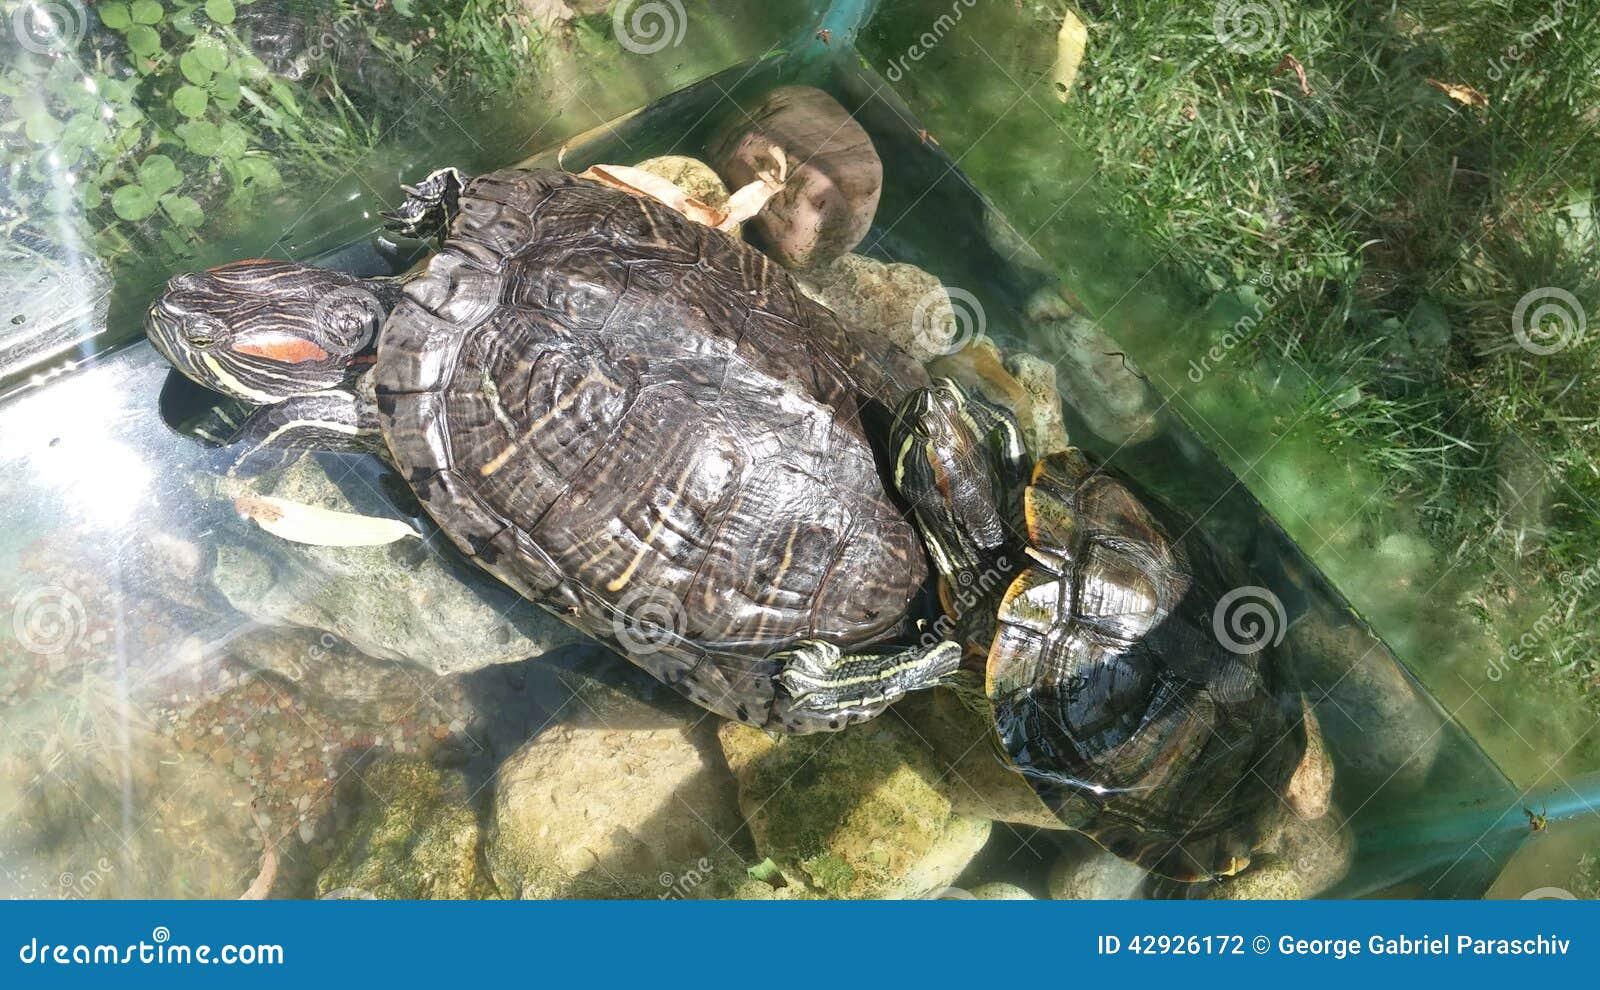 Acuario con dos tortugas foto de archivo imagen 42926172 for Acuario tortugas